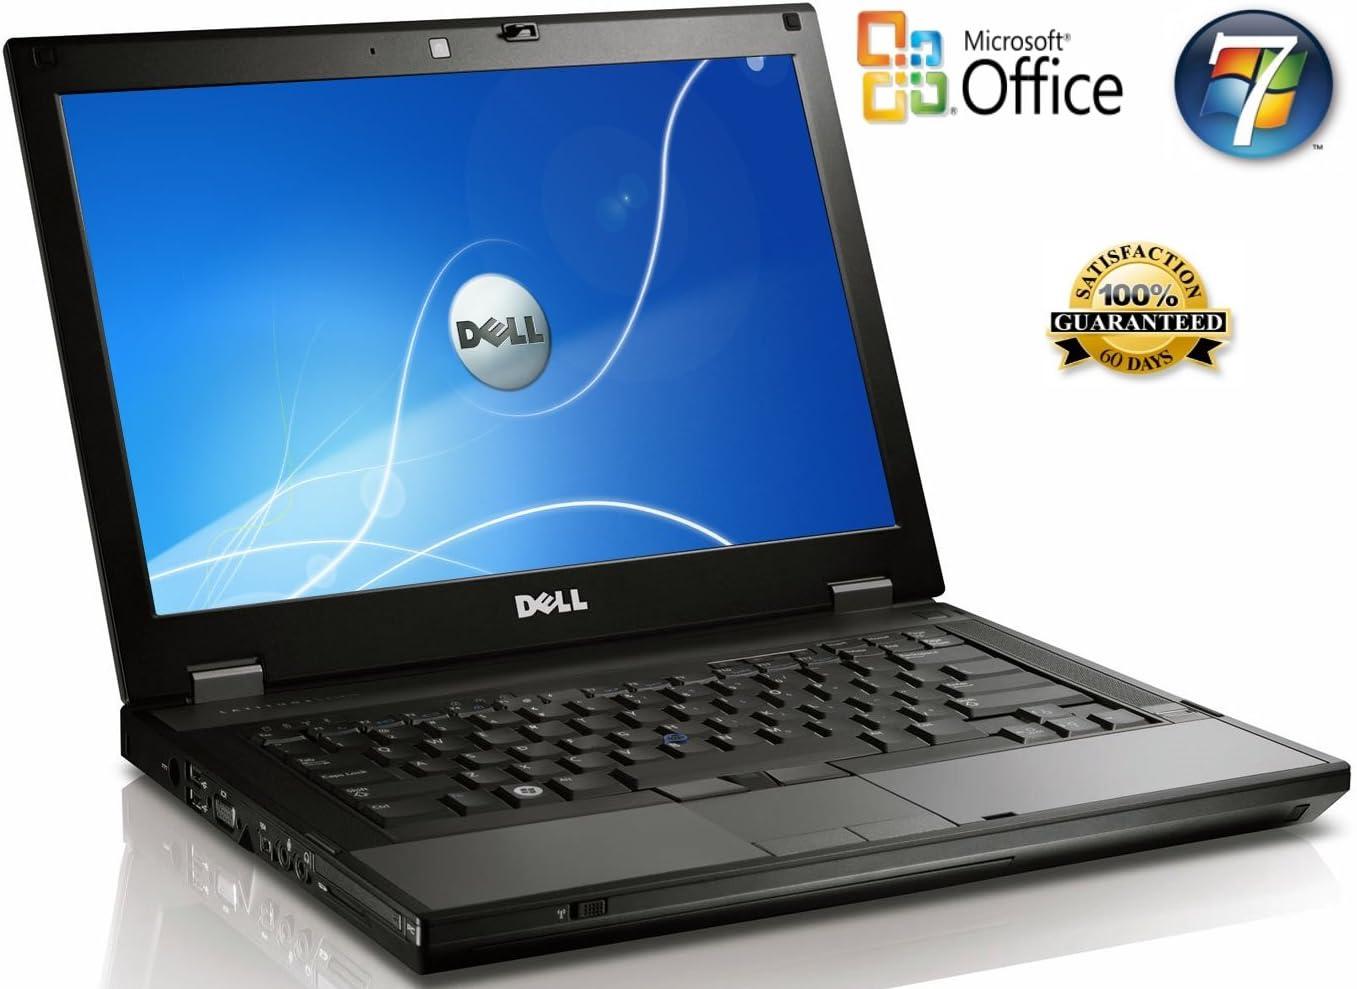 Dell Latitude E5410 Laptop - Core i5 2.53ghz -2GB DDR3 - 160GB HDD - DVD - Windows 7 Pro 64bit